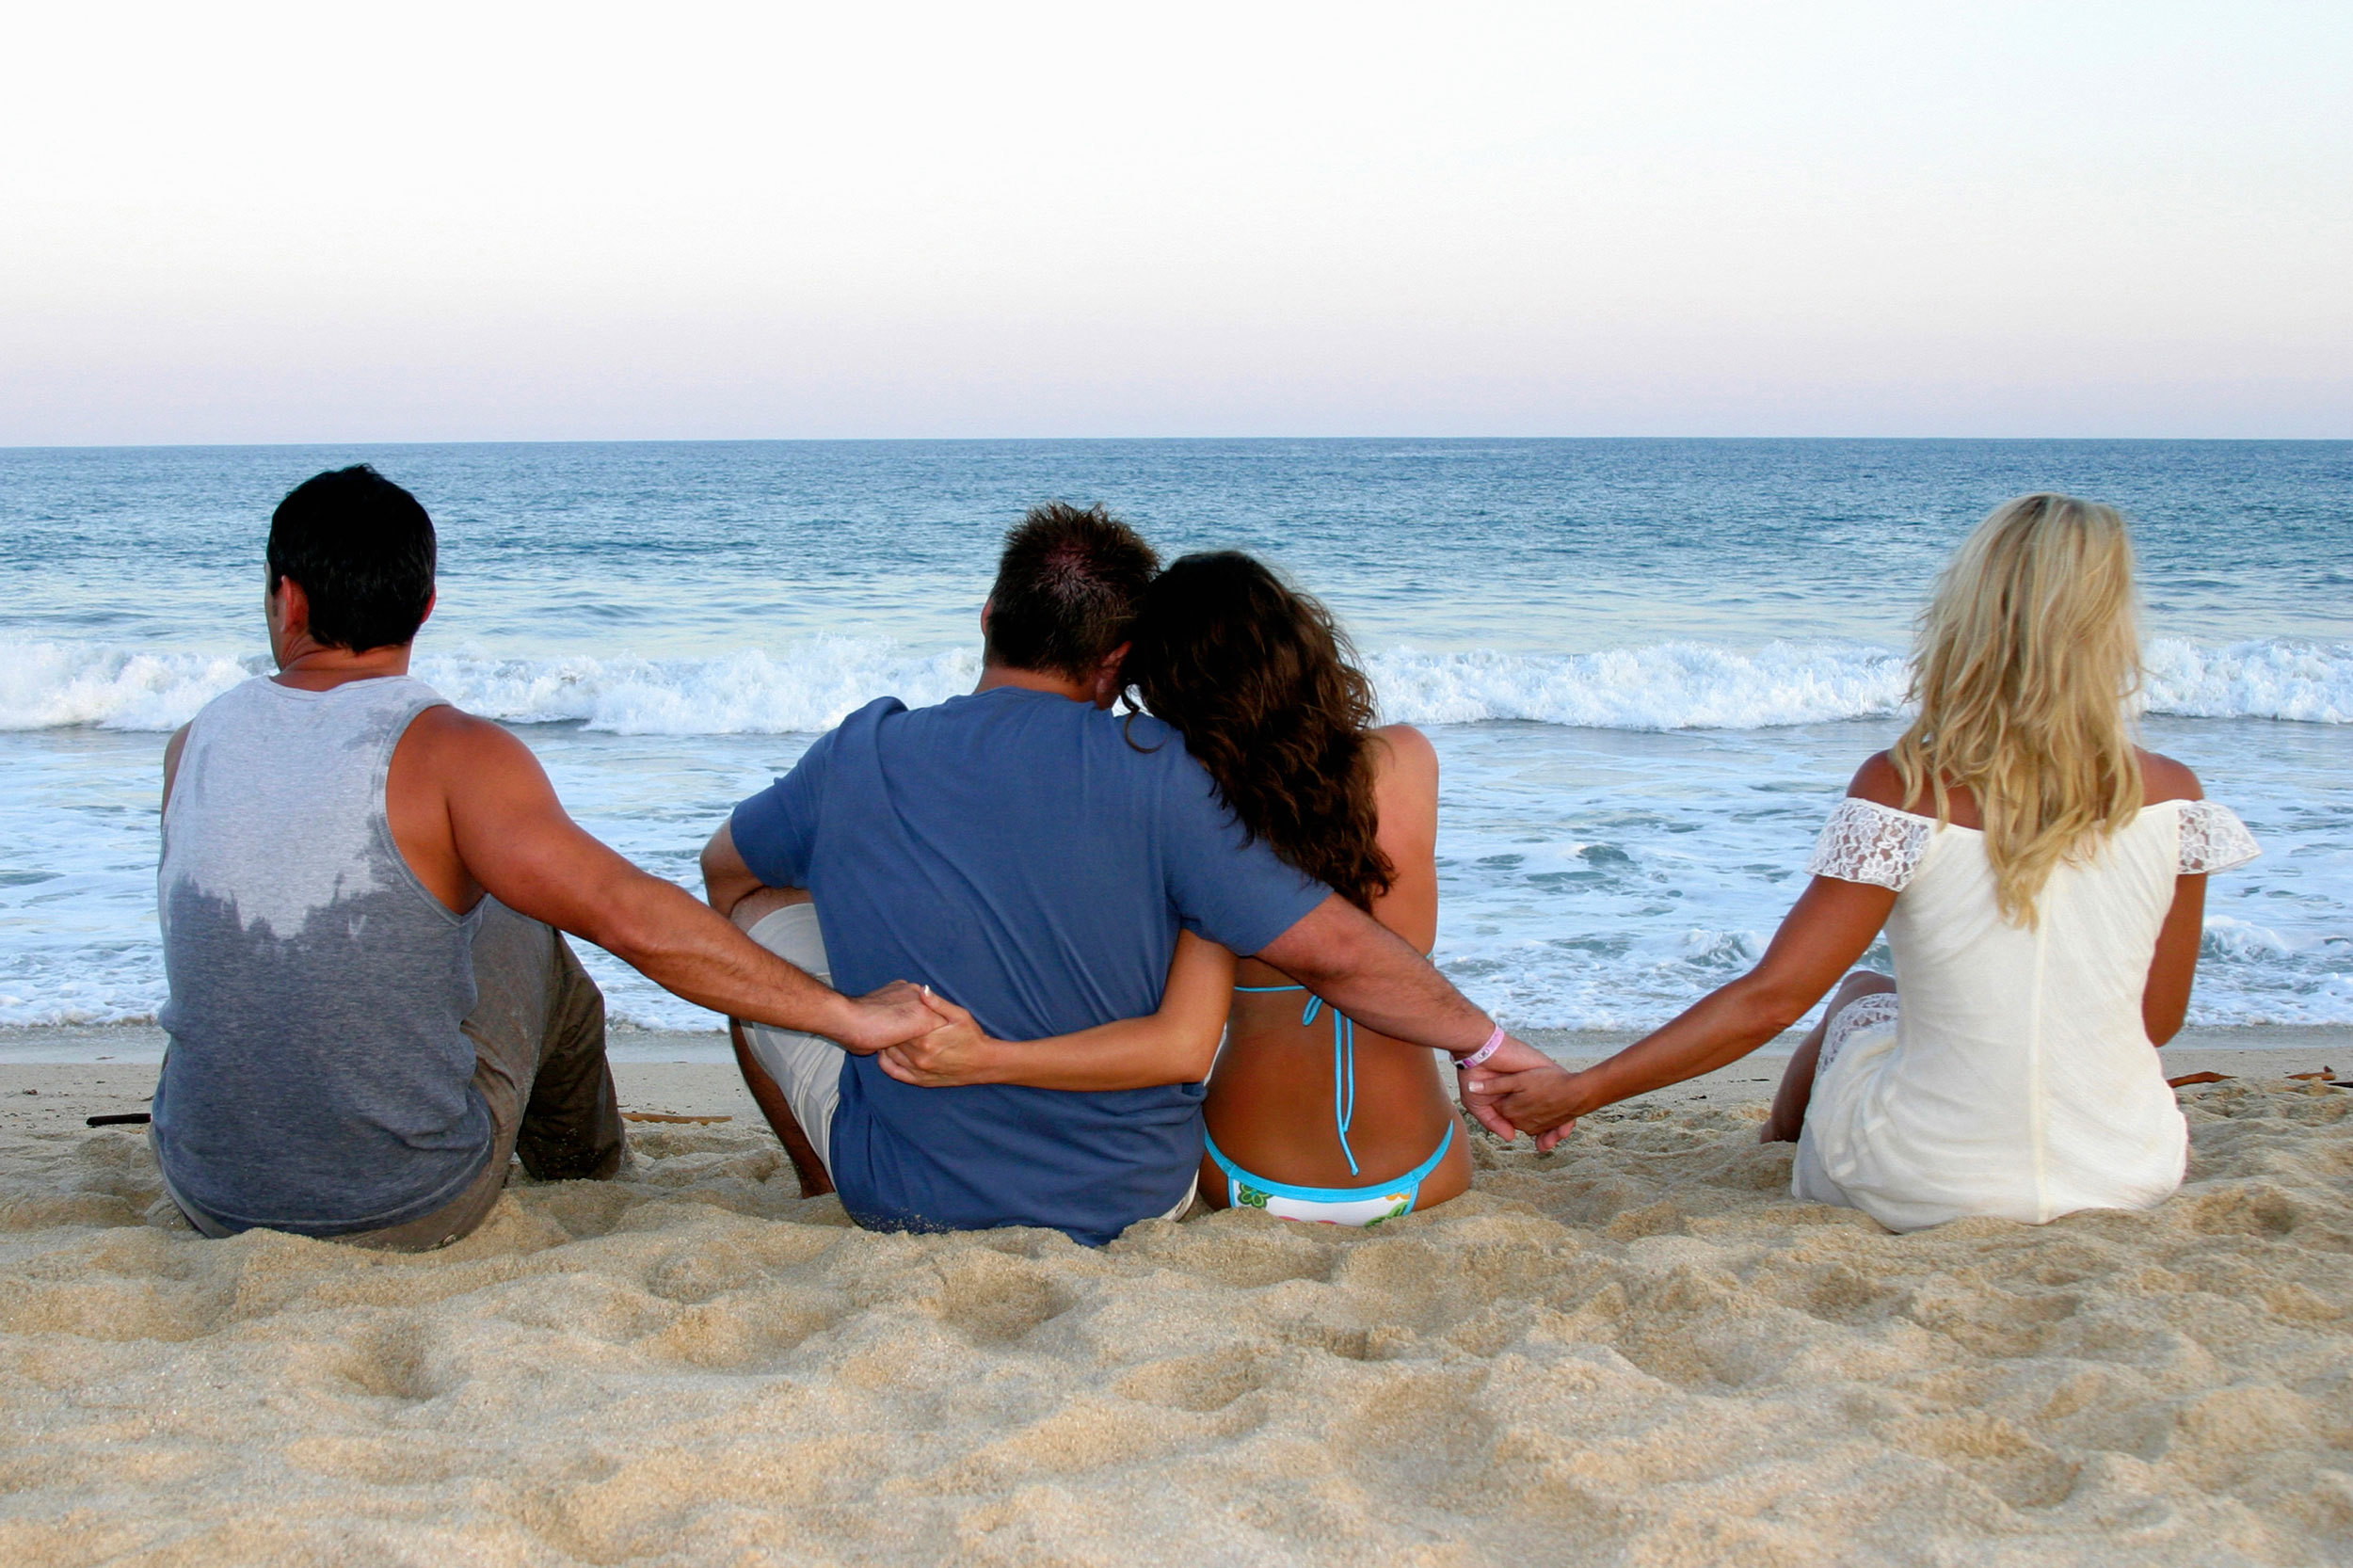 Науката ни покажува дека луѓето во отворени врски се посреќни